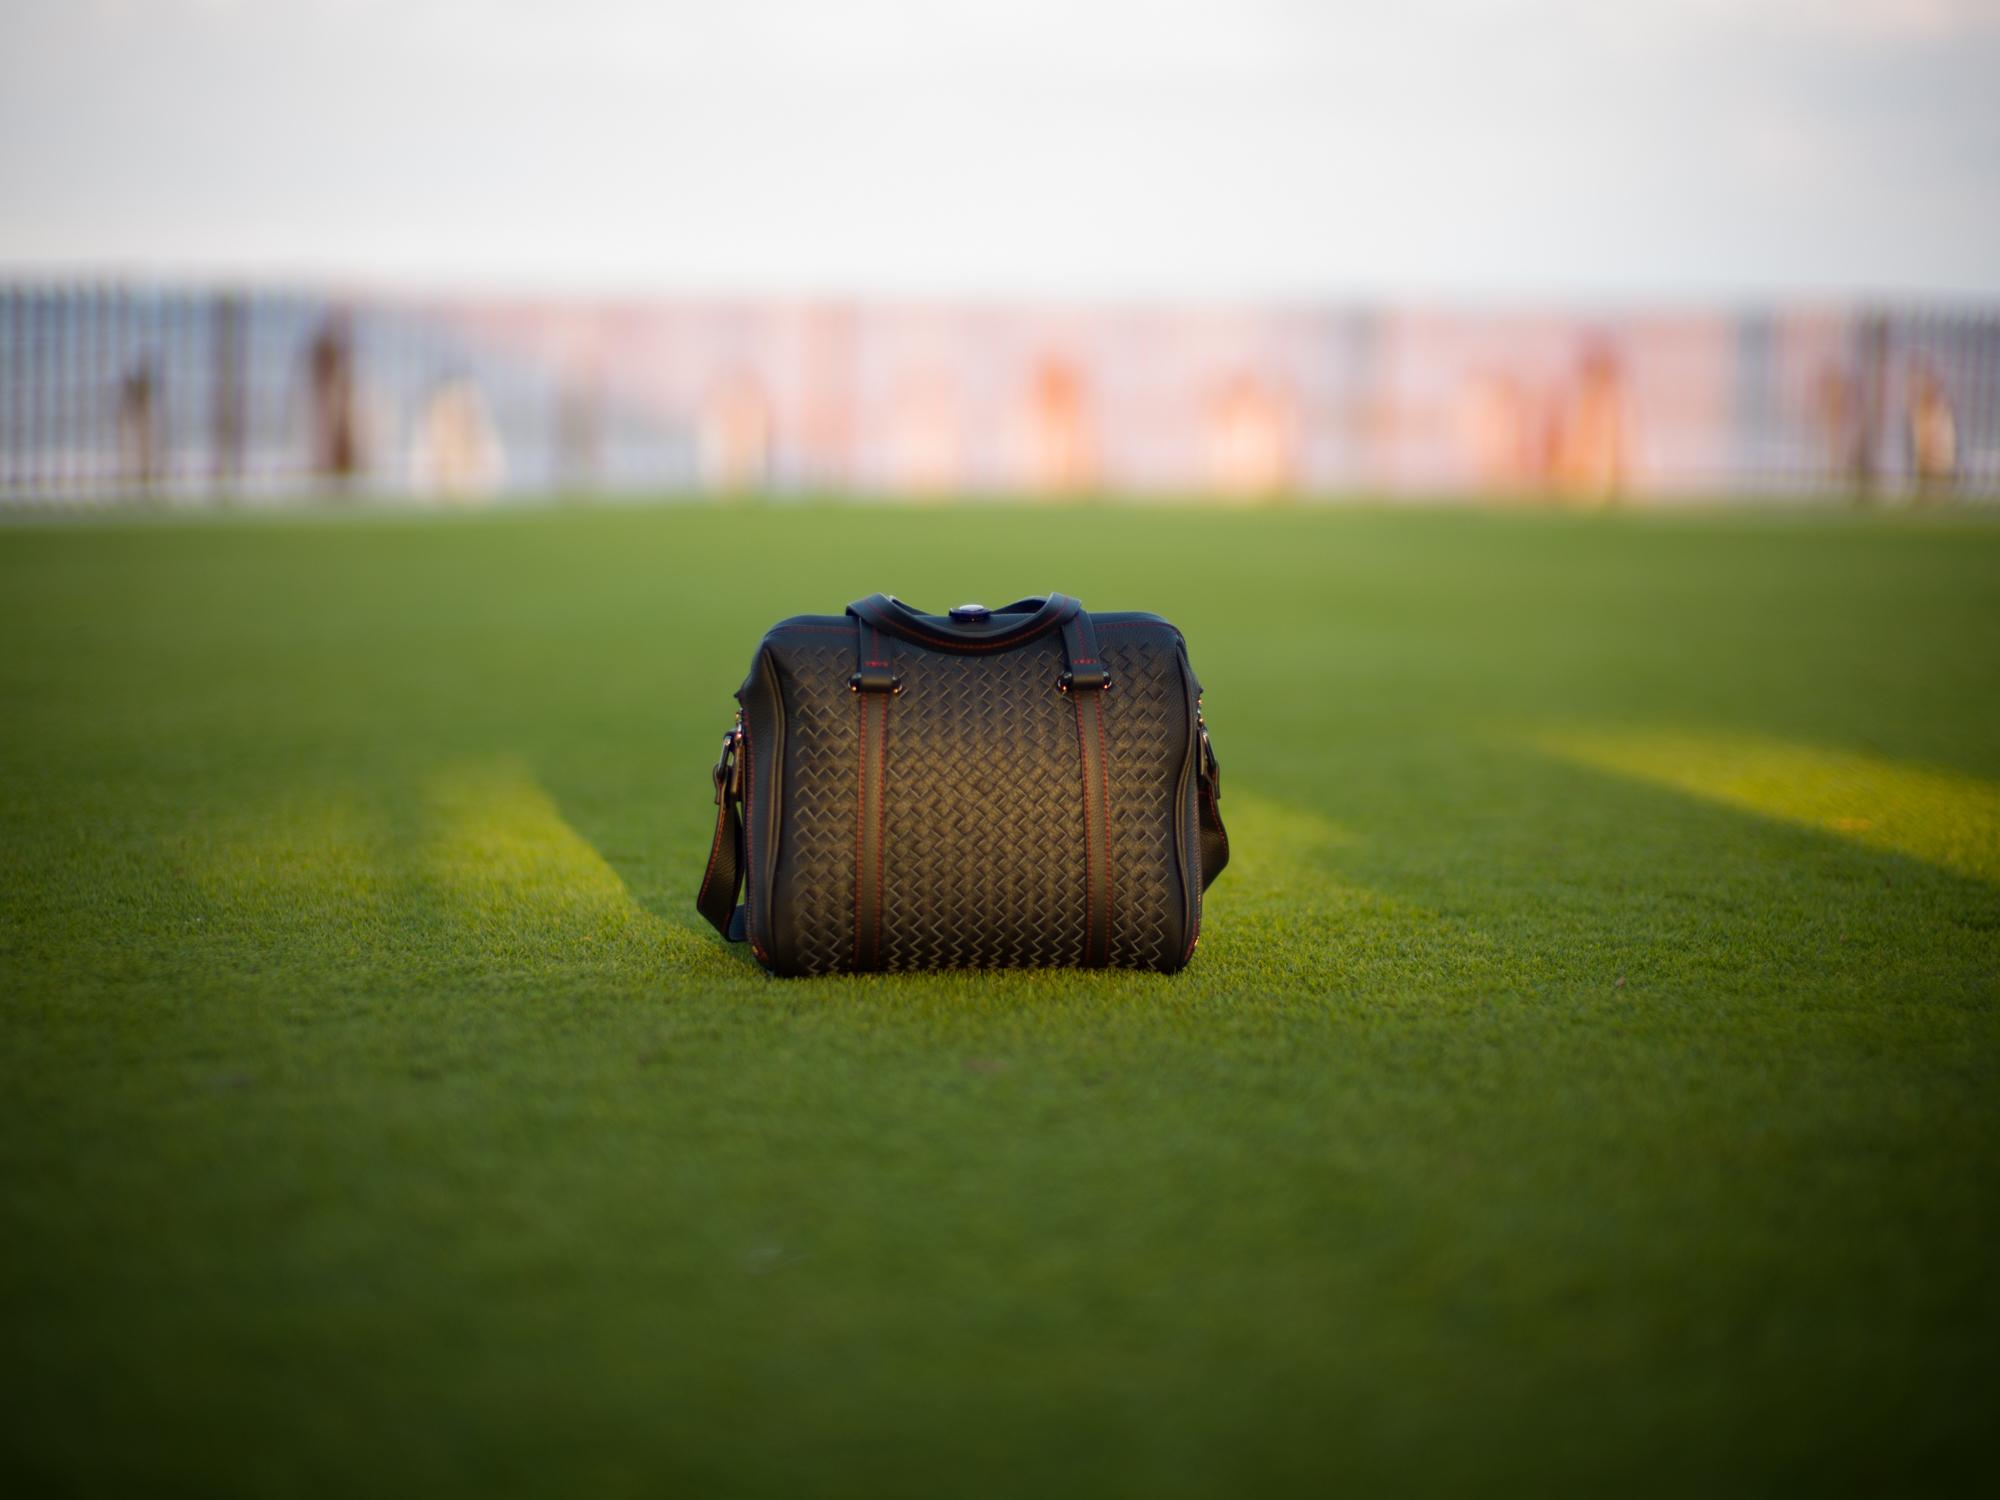 breakers resort calibre camera bag leica noctilux